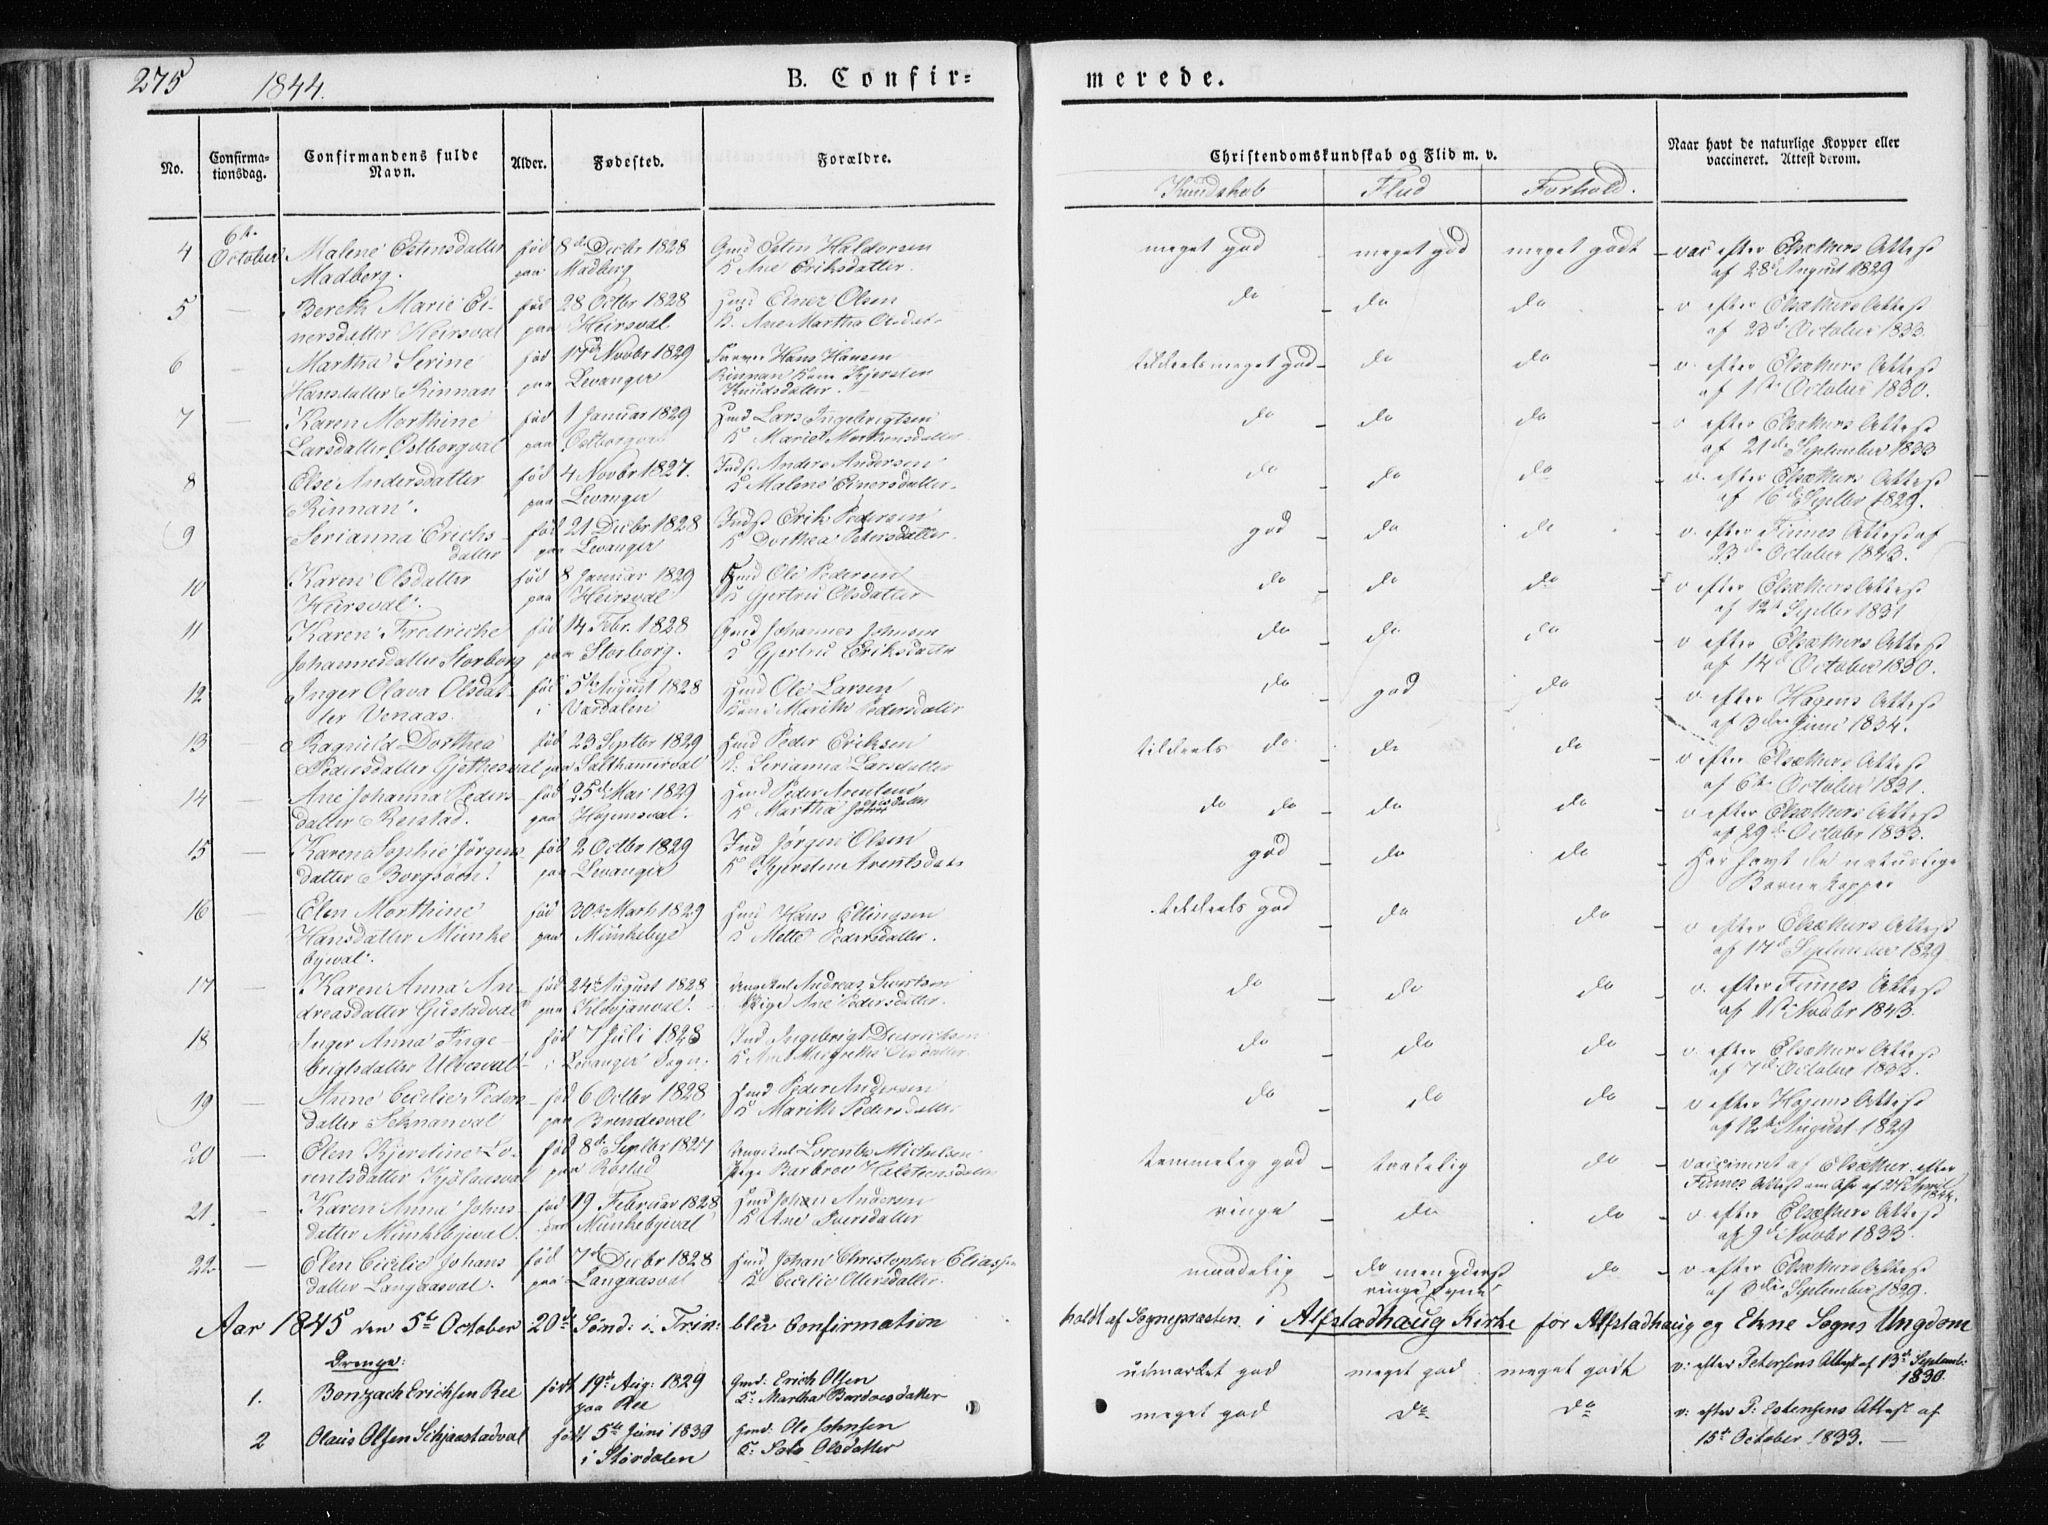 SAT, Ministerialprotokoller, klokkerbøker og fødselsregistre - Nord-Trøndelag, 717/L0154: Ministerialbok nr. 717A06 /1, 1836-1849, s. 275